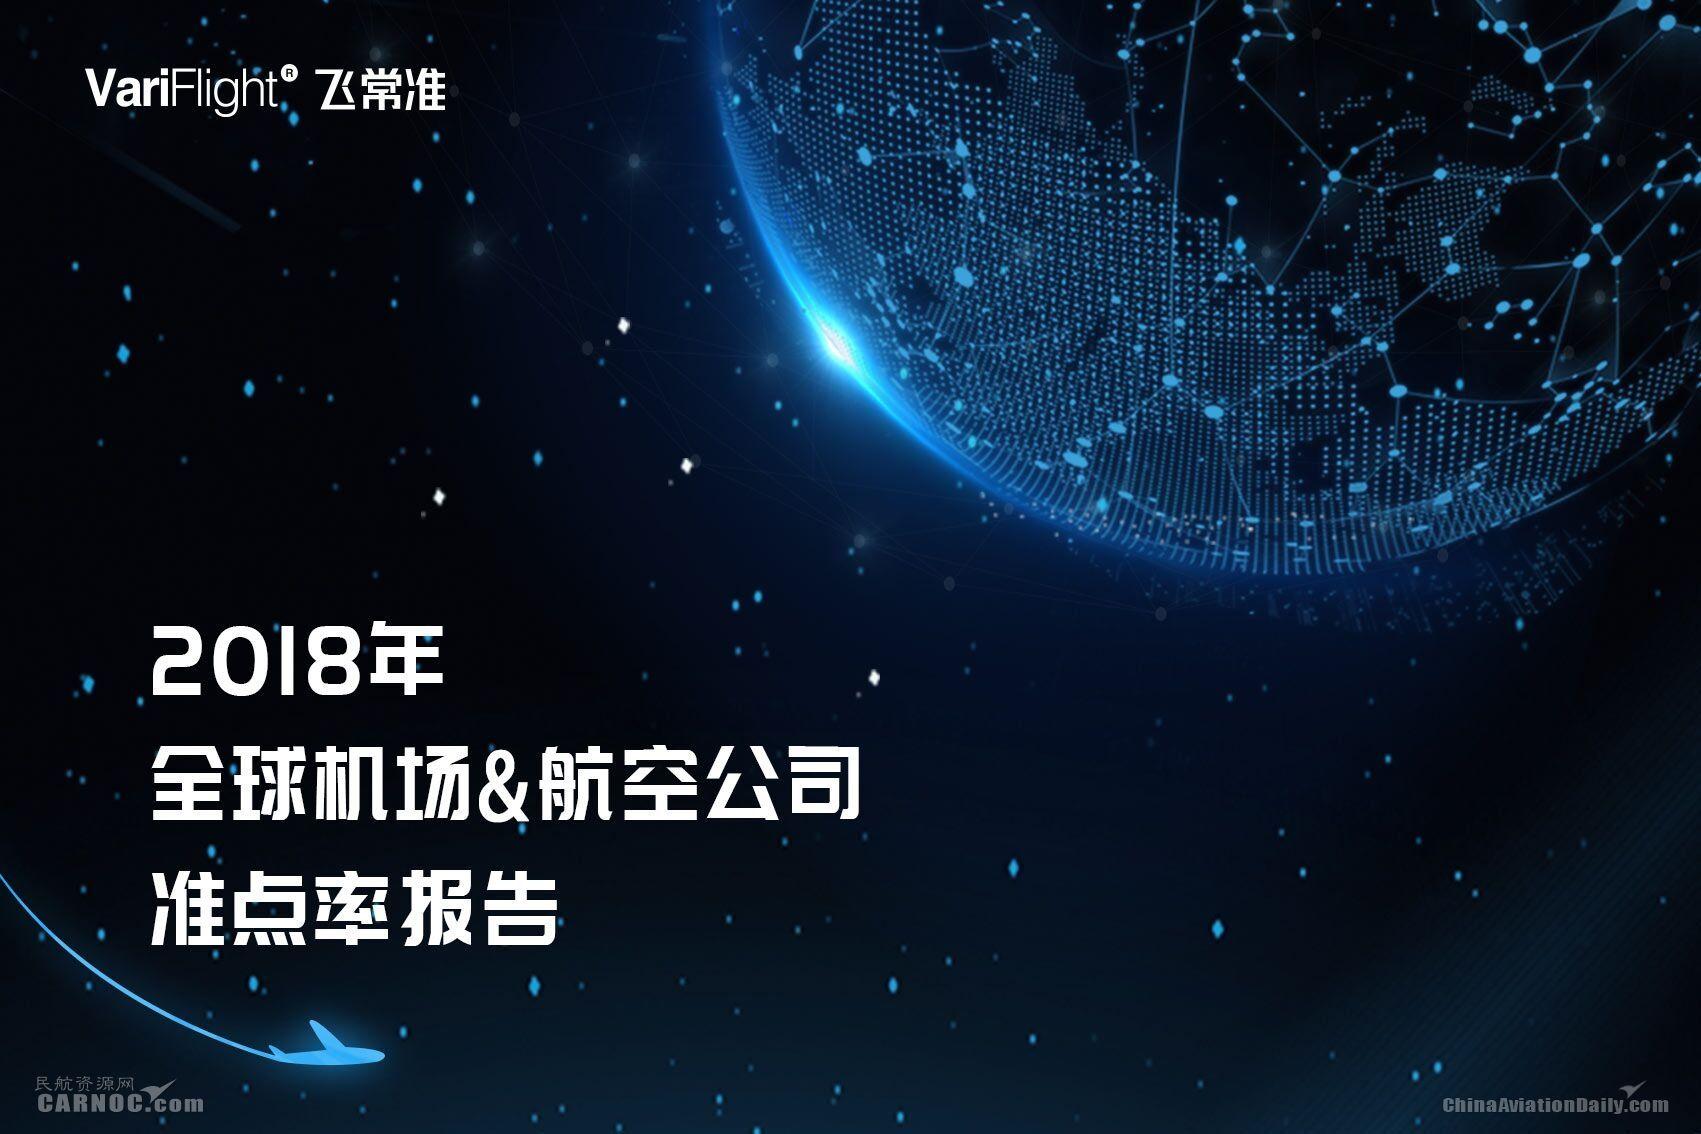 民航准点TOP榜:中国千万级机场准点率提升明显